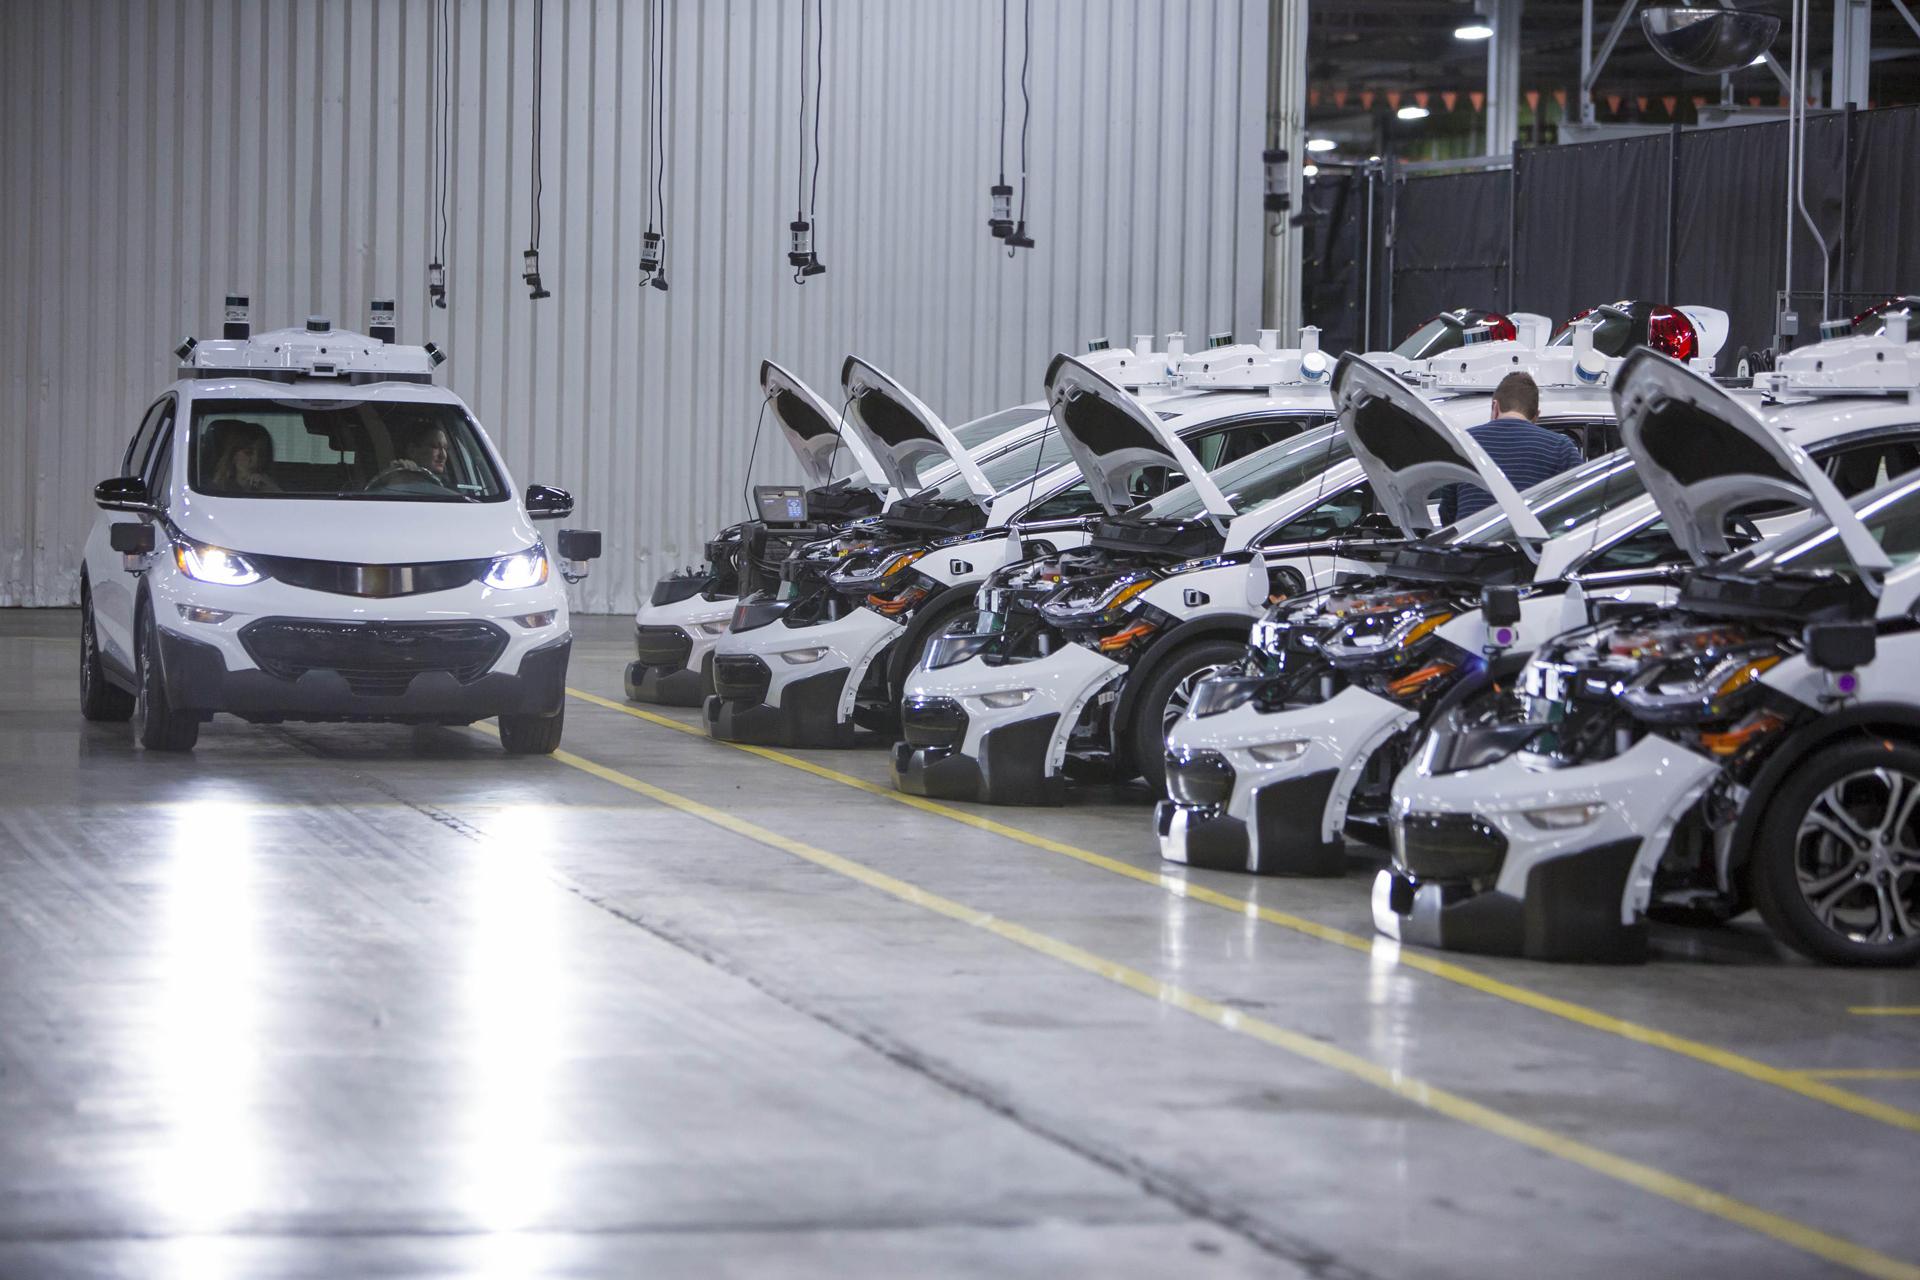 El Chevrolet Cruze se fabrica en la planta de Alvear